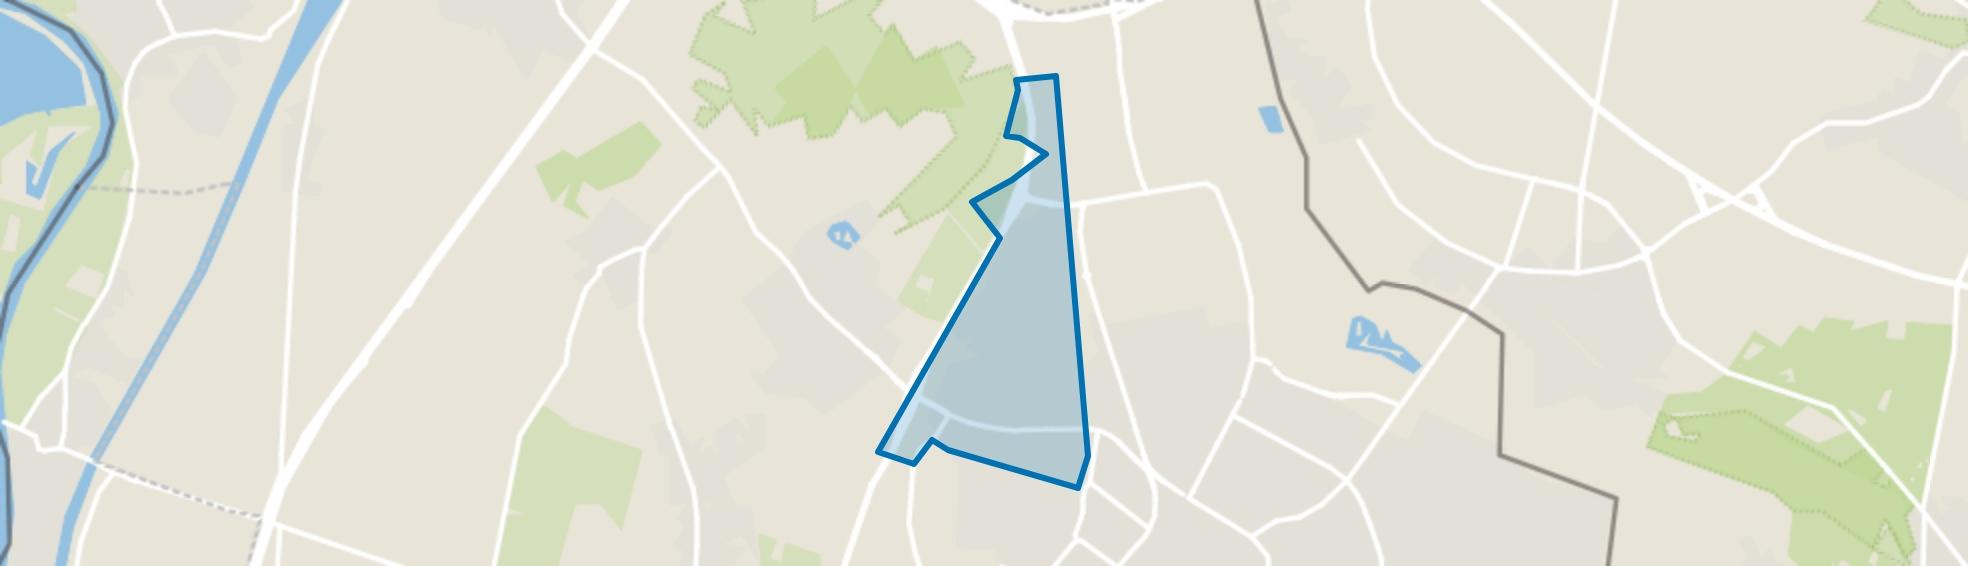 Limbrichterveld, Sittard map